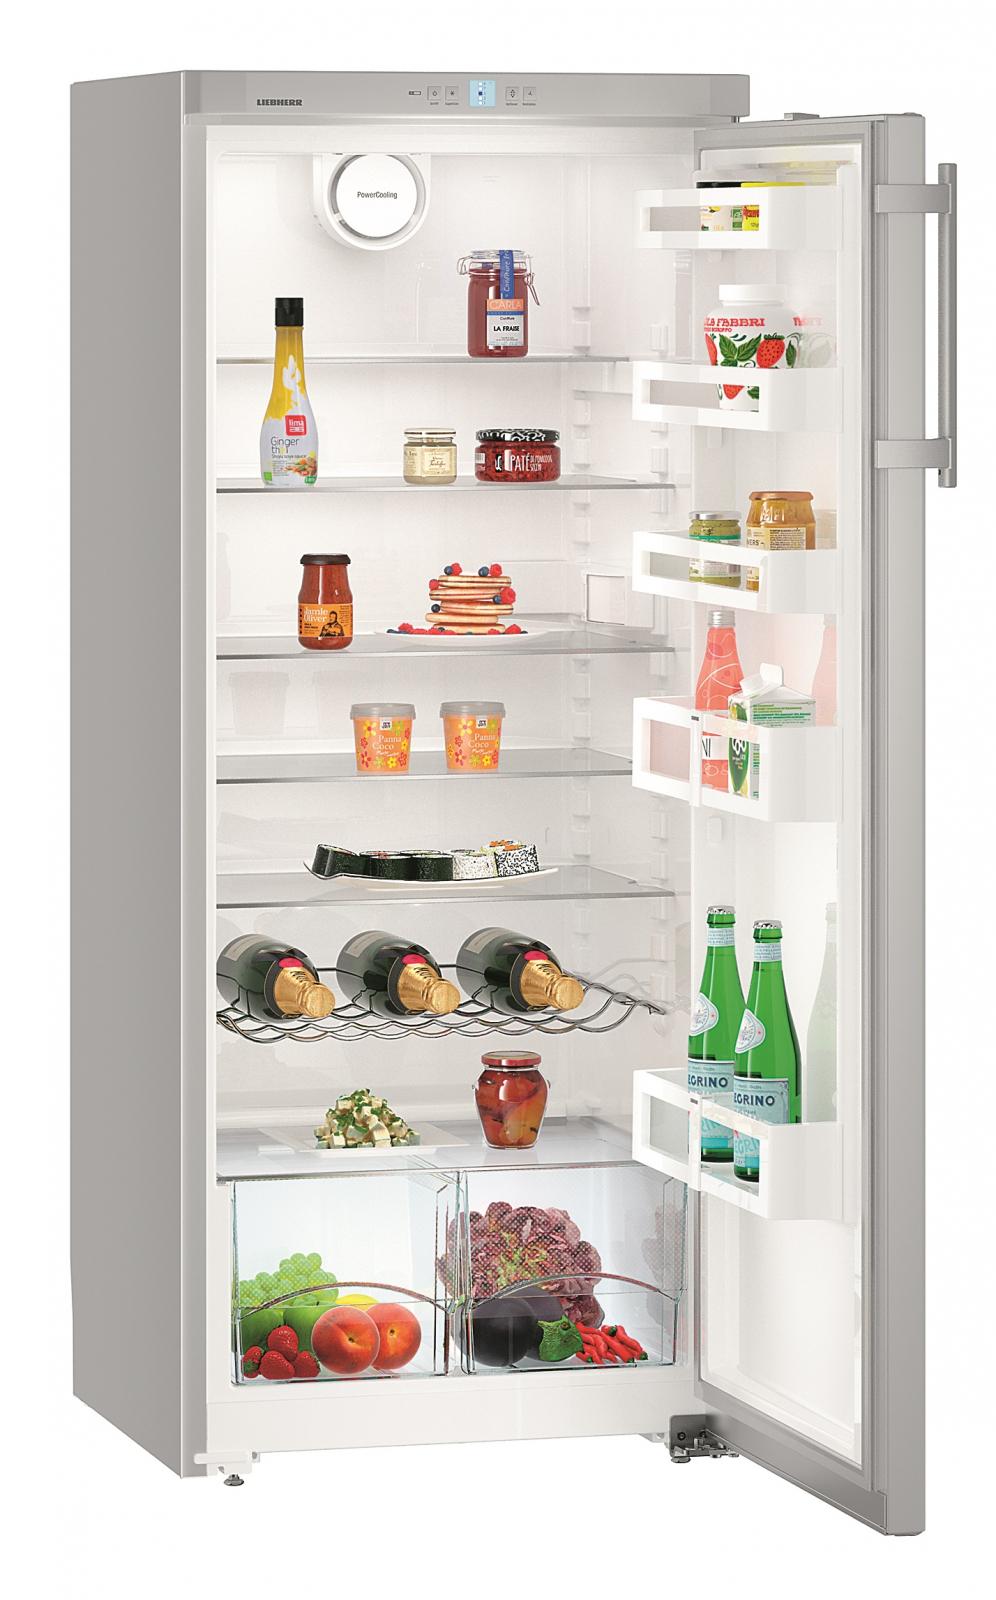 купить Однокамерный холодильник Liebherr Ksl 3130 Украина фото 0